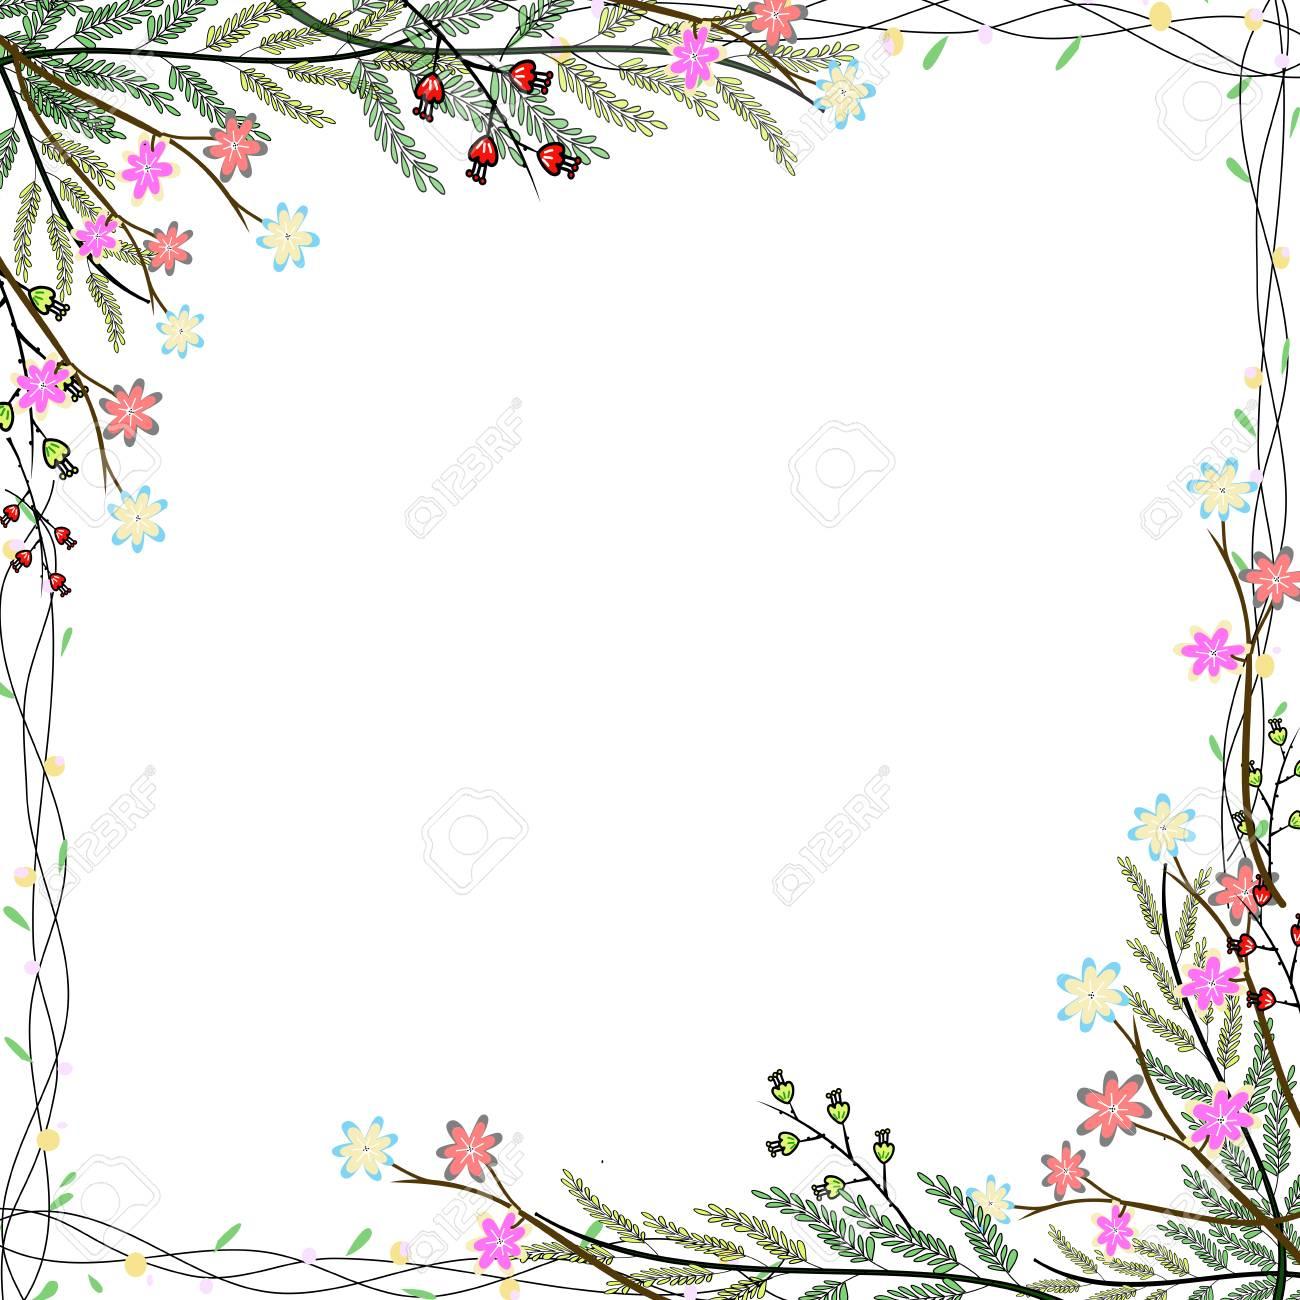 Nature Cadre Colore De Fleurs Dessin A La Main Fond Banque D